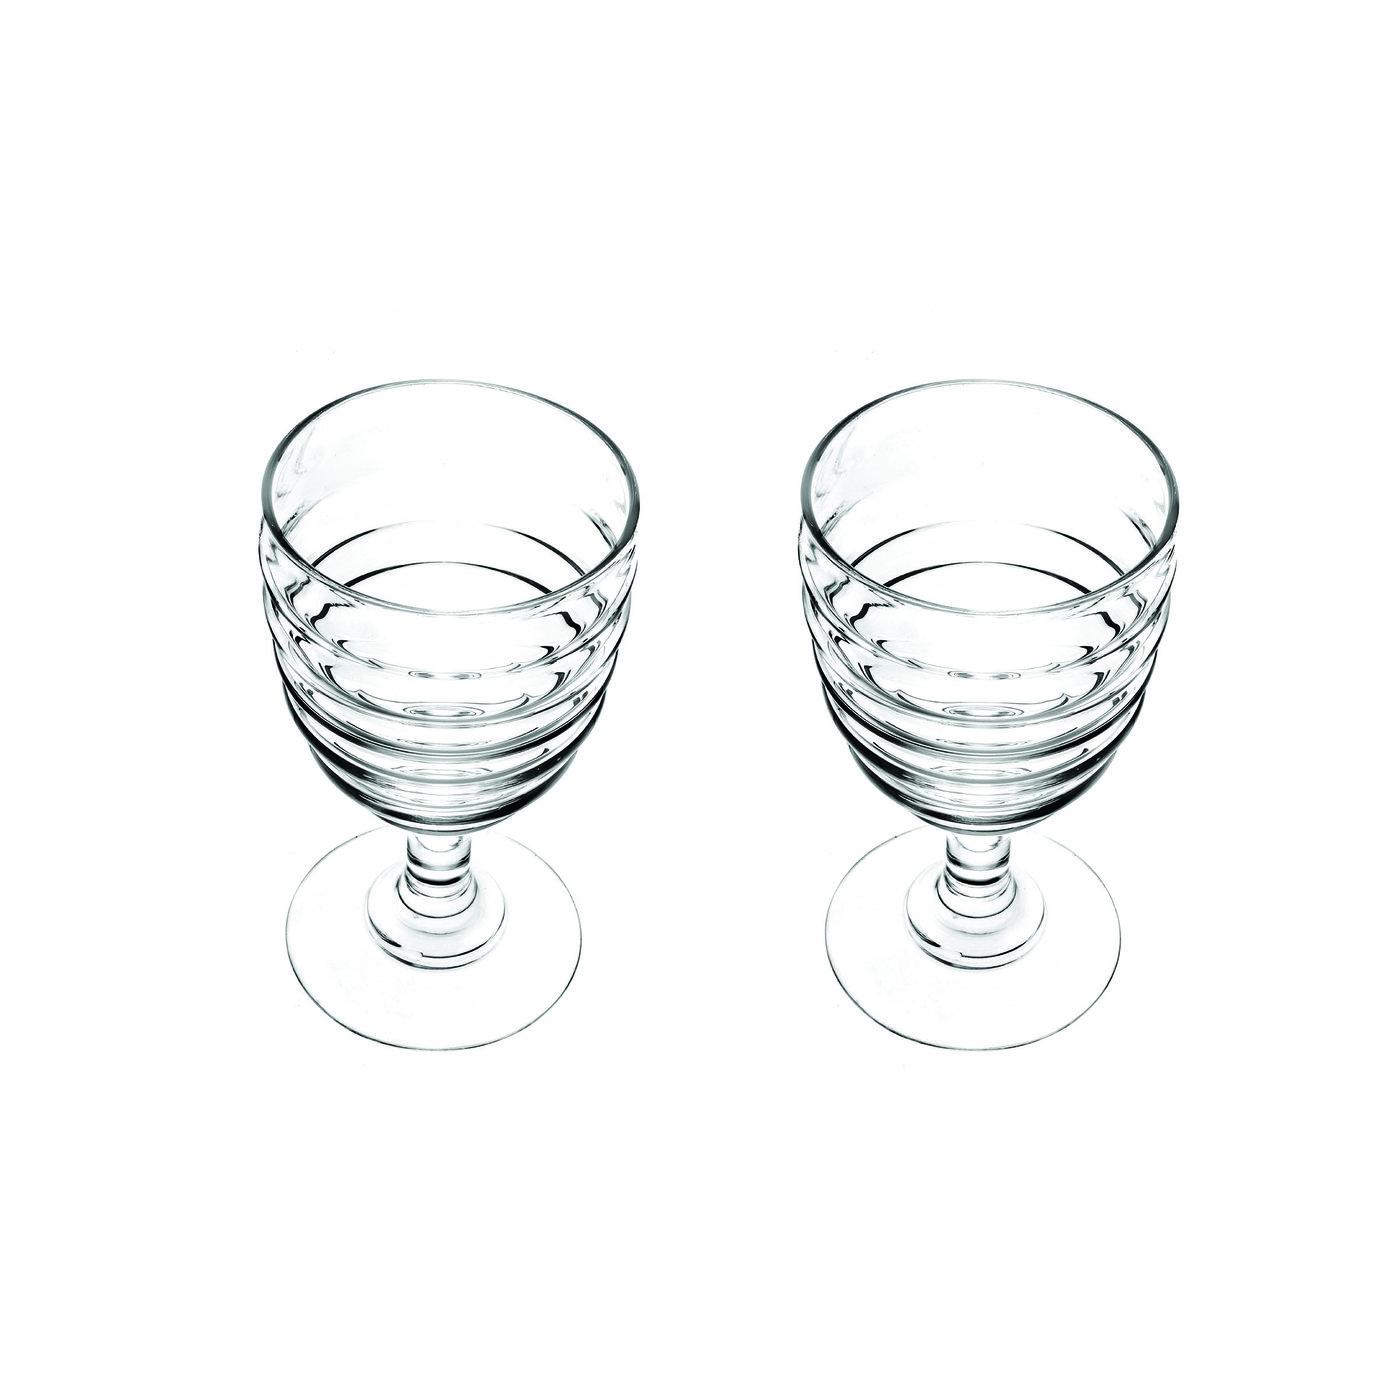 포트메리온 '소피 콘란' 와인잔 2개 세트 Portmeirion Sophie Conran Glassware Set of 2 Wines